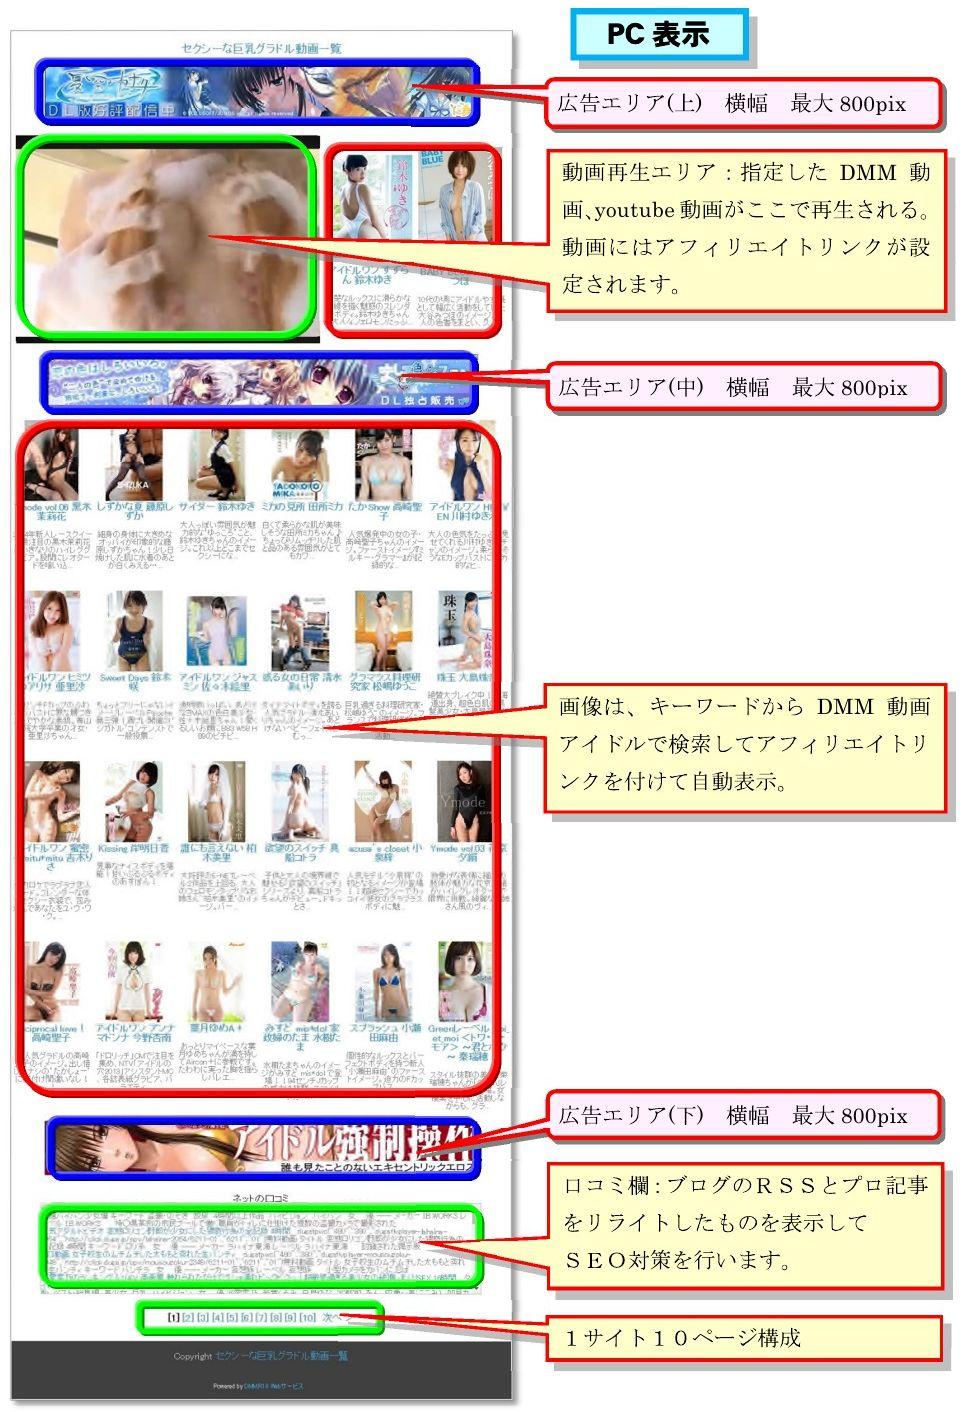 アイドル動画アフィリΔ PCサイト